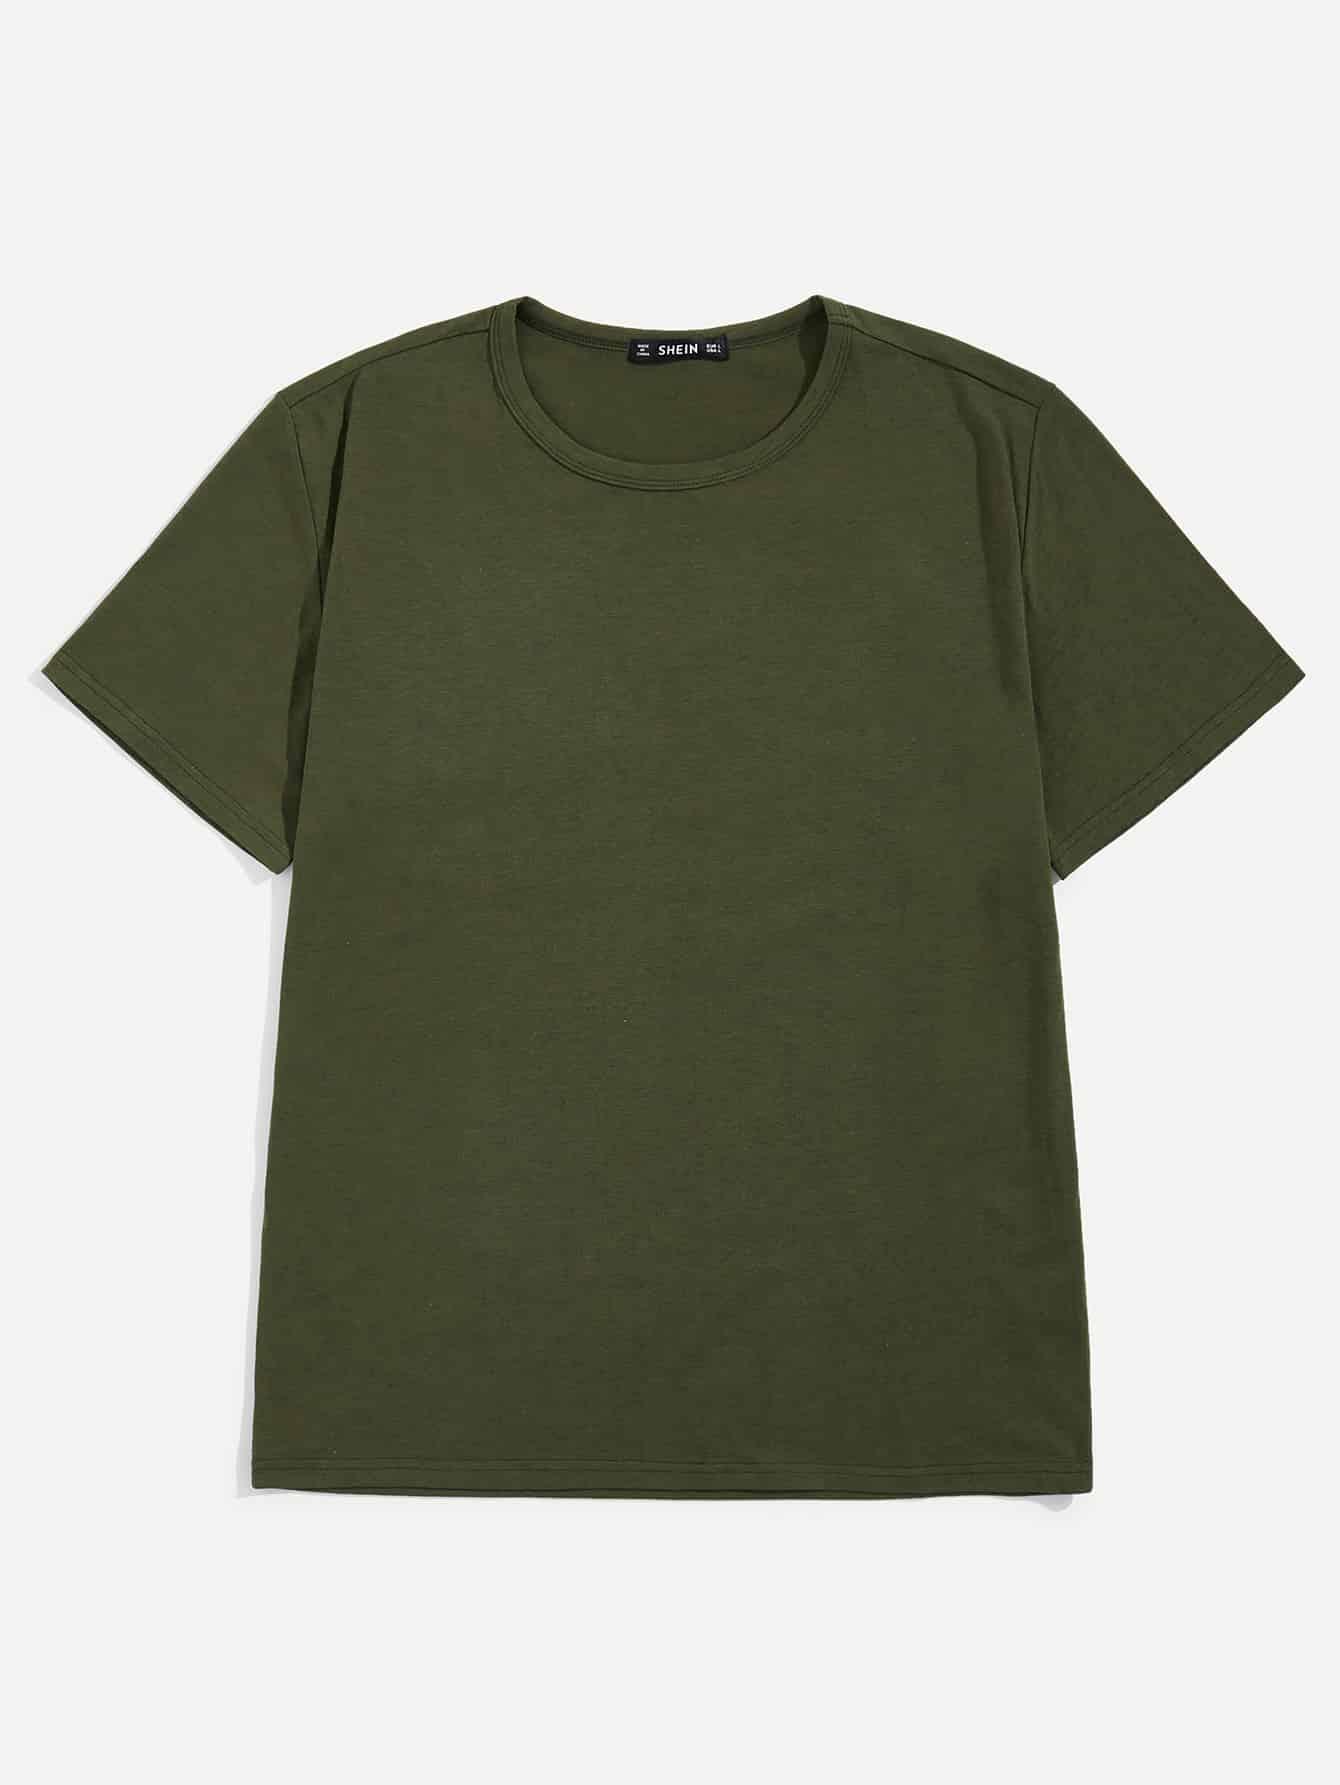 Купить Мужская однотонная футболка с коротким рукавом, null, SheIn